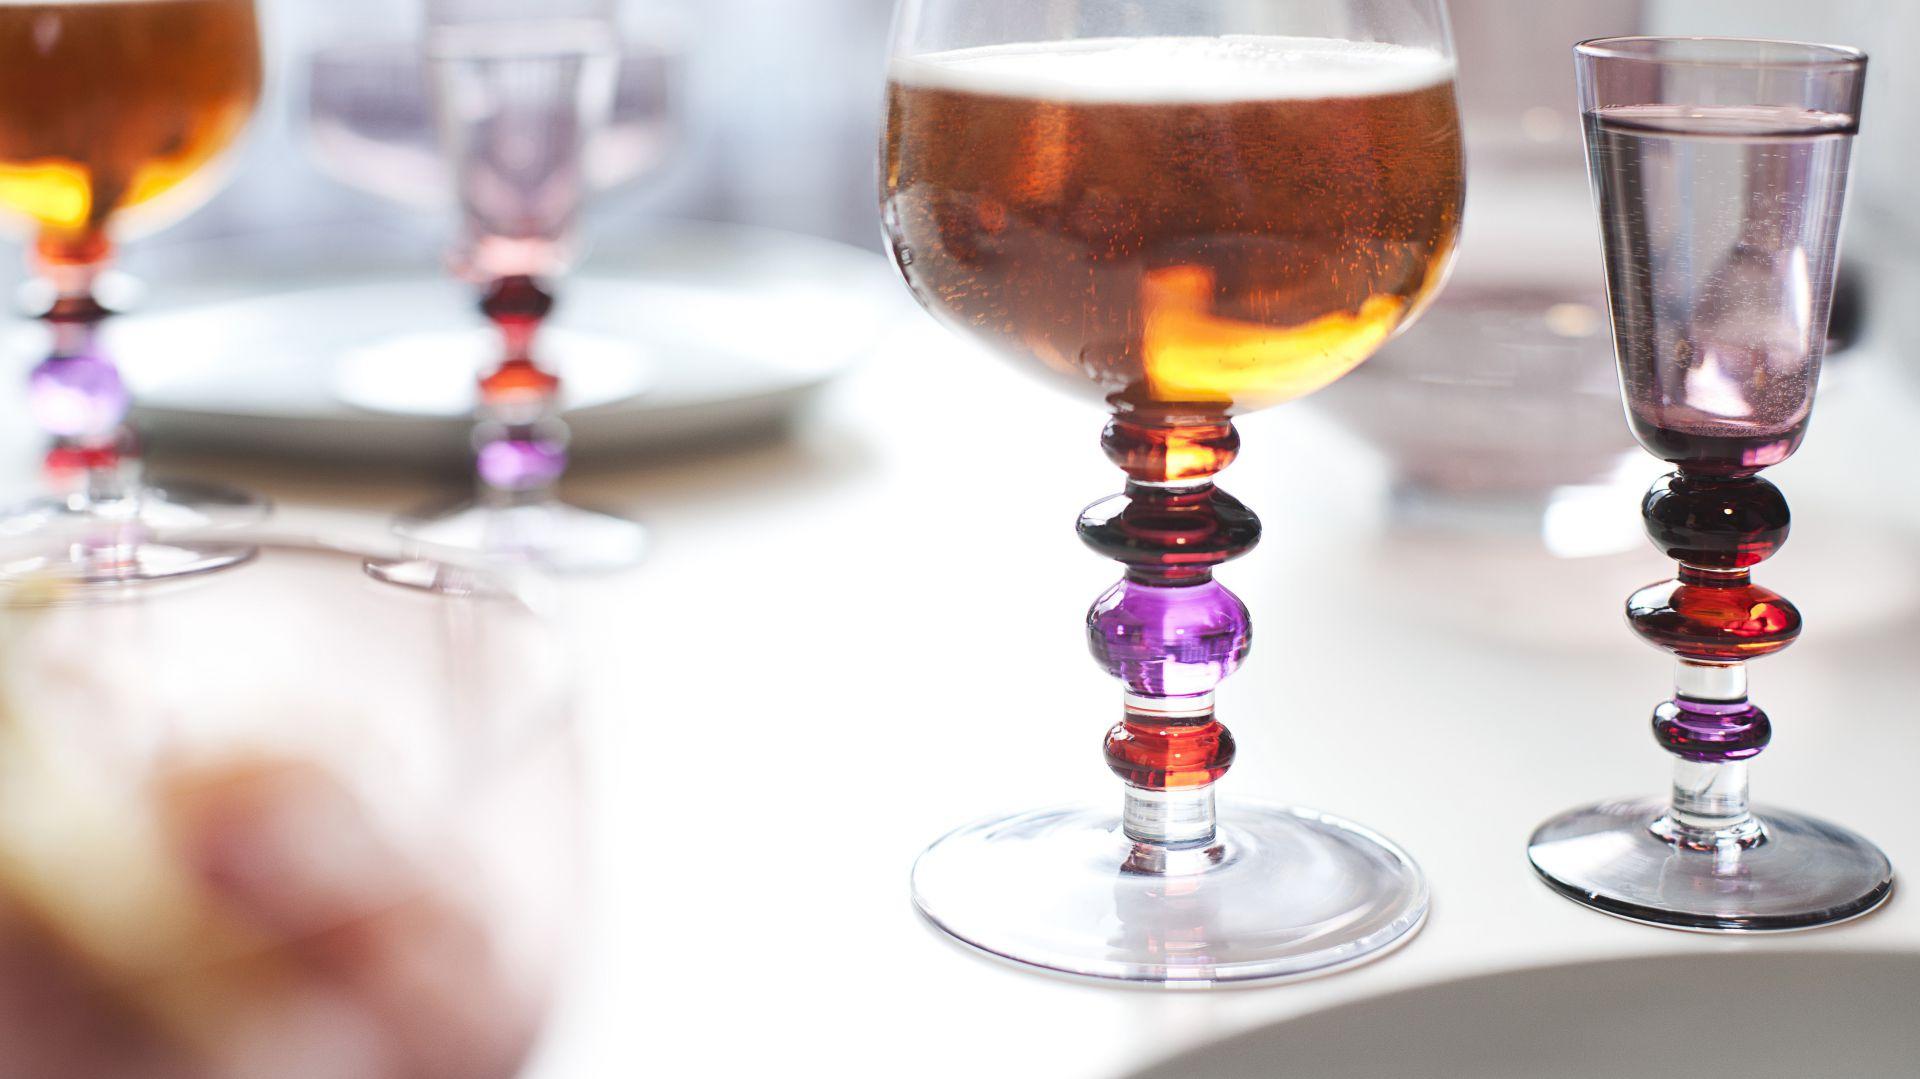 Zestaw dwóch kieliszków do wina z kolekcji Spectra. Na grubej nóżce znajdują się kolorowe zgrubienia, przypominające duże koraliki. Wykonane ręcznie. Wysokość 17 cm. Pojemność 0,35 l. 89,90 zł, Sagaform/Fide.